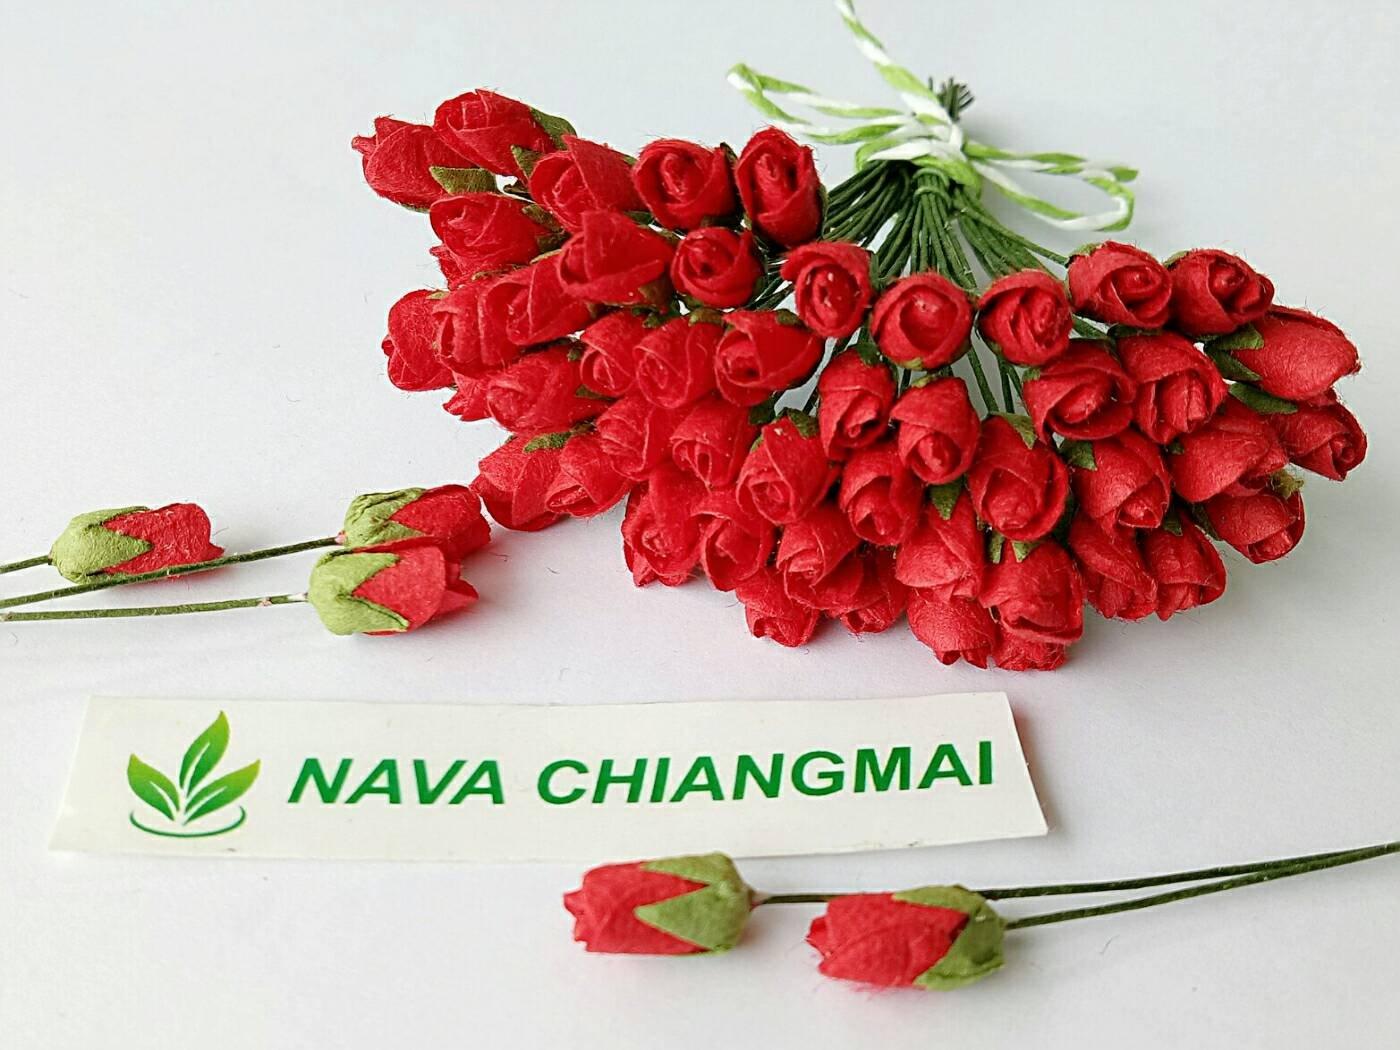 Amazon Nava Chiangmai Mini Red Rose Bud Mulberry Flower Paper